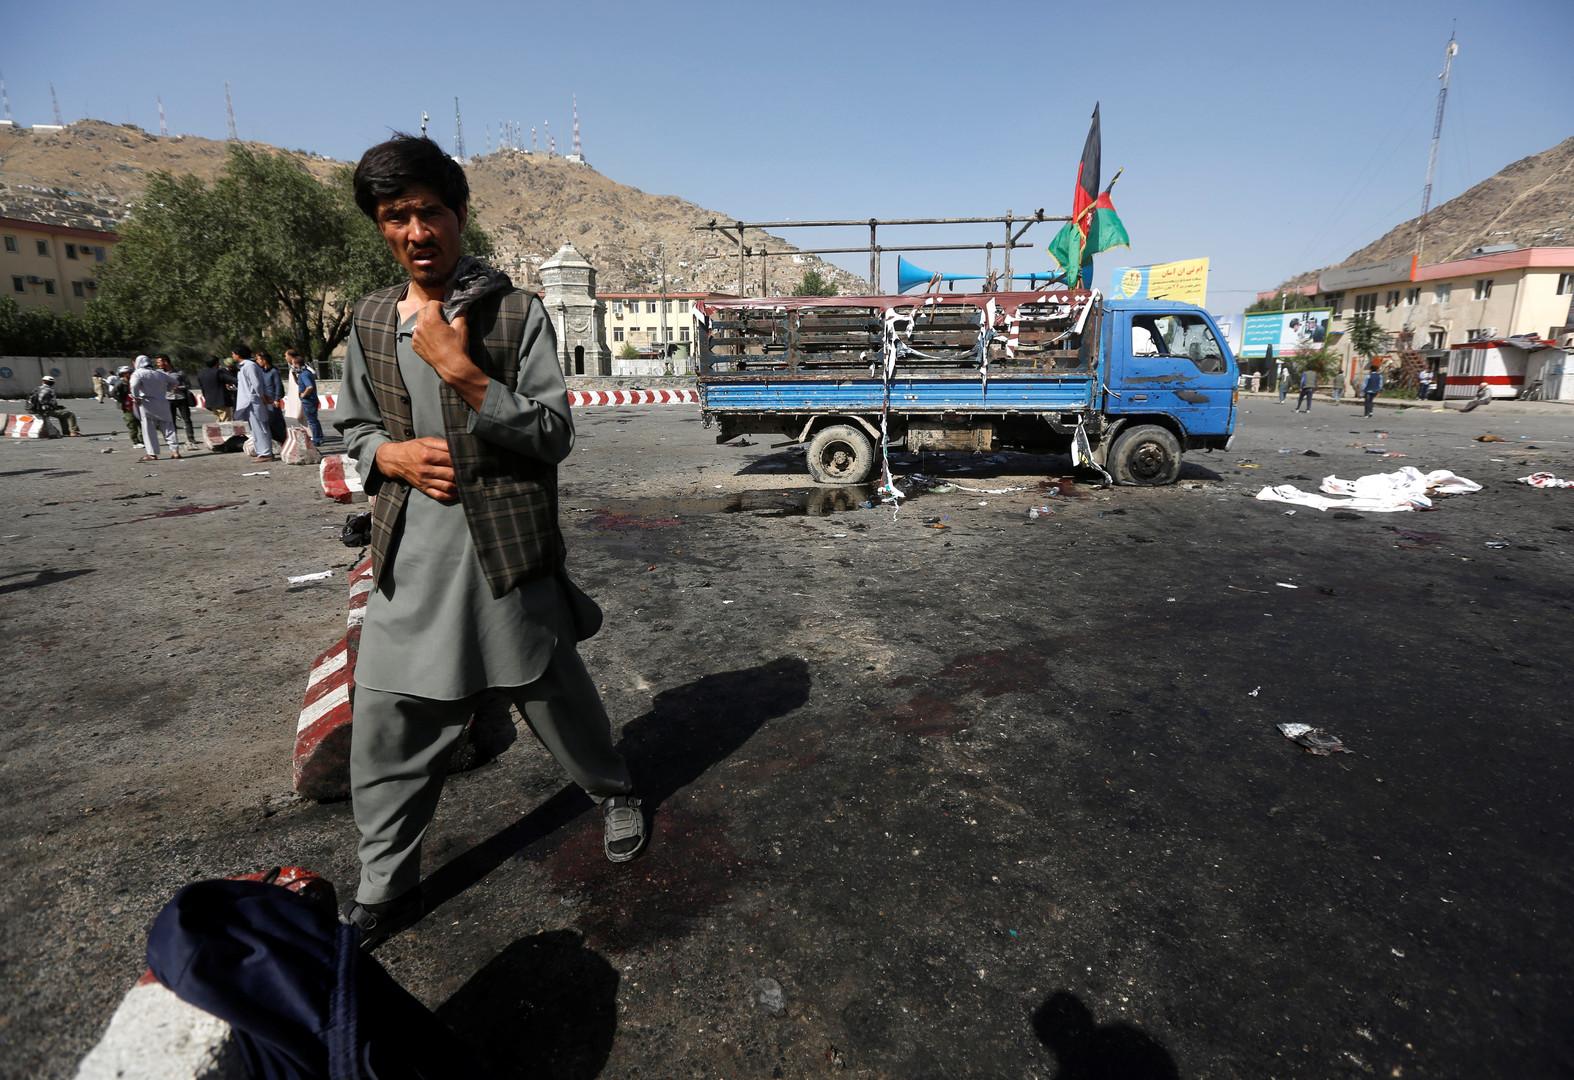 اهداف داعش از نخستین حضورتروریستی در کابل